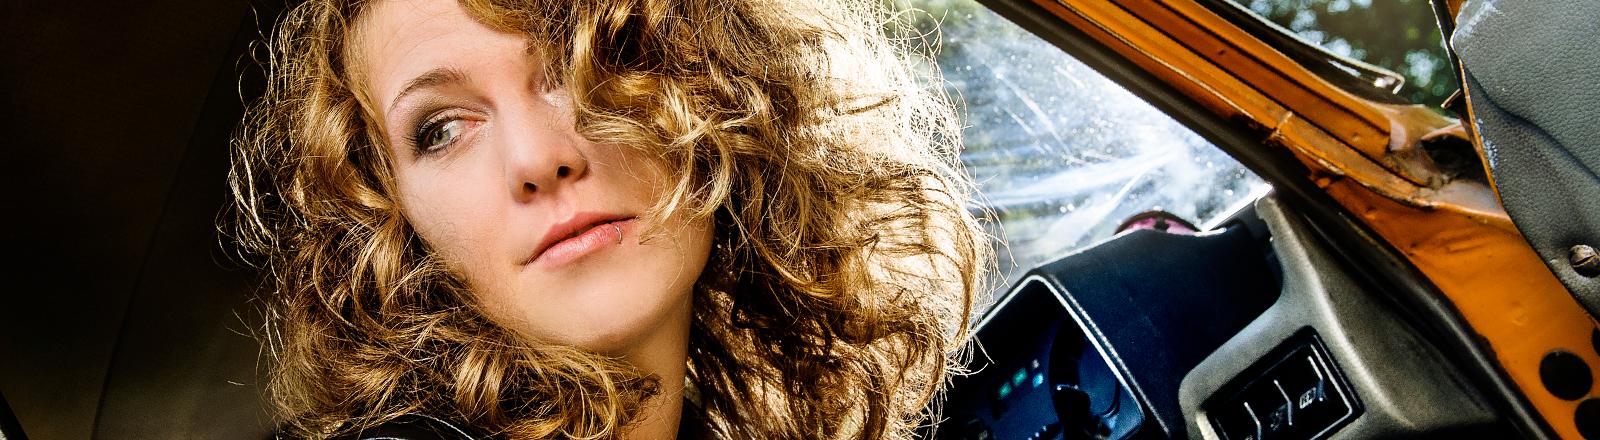 Eine Frau sitzt in einem etwas älteren Auto und guckt halt so rum.